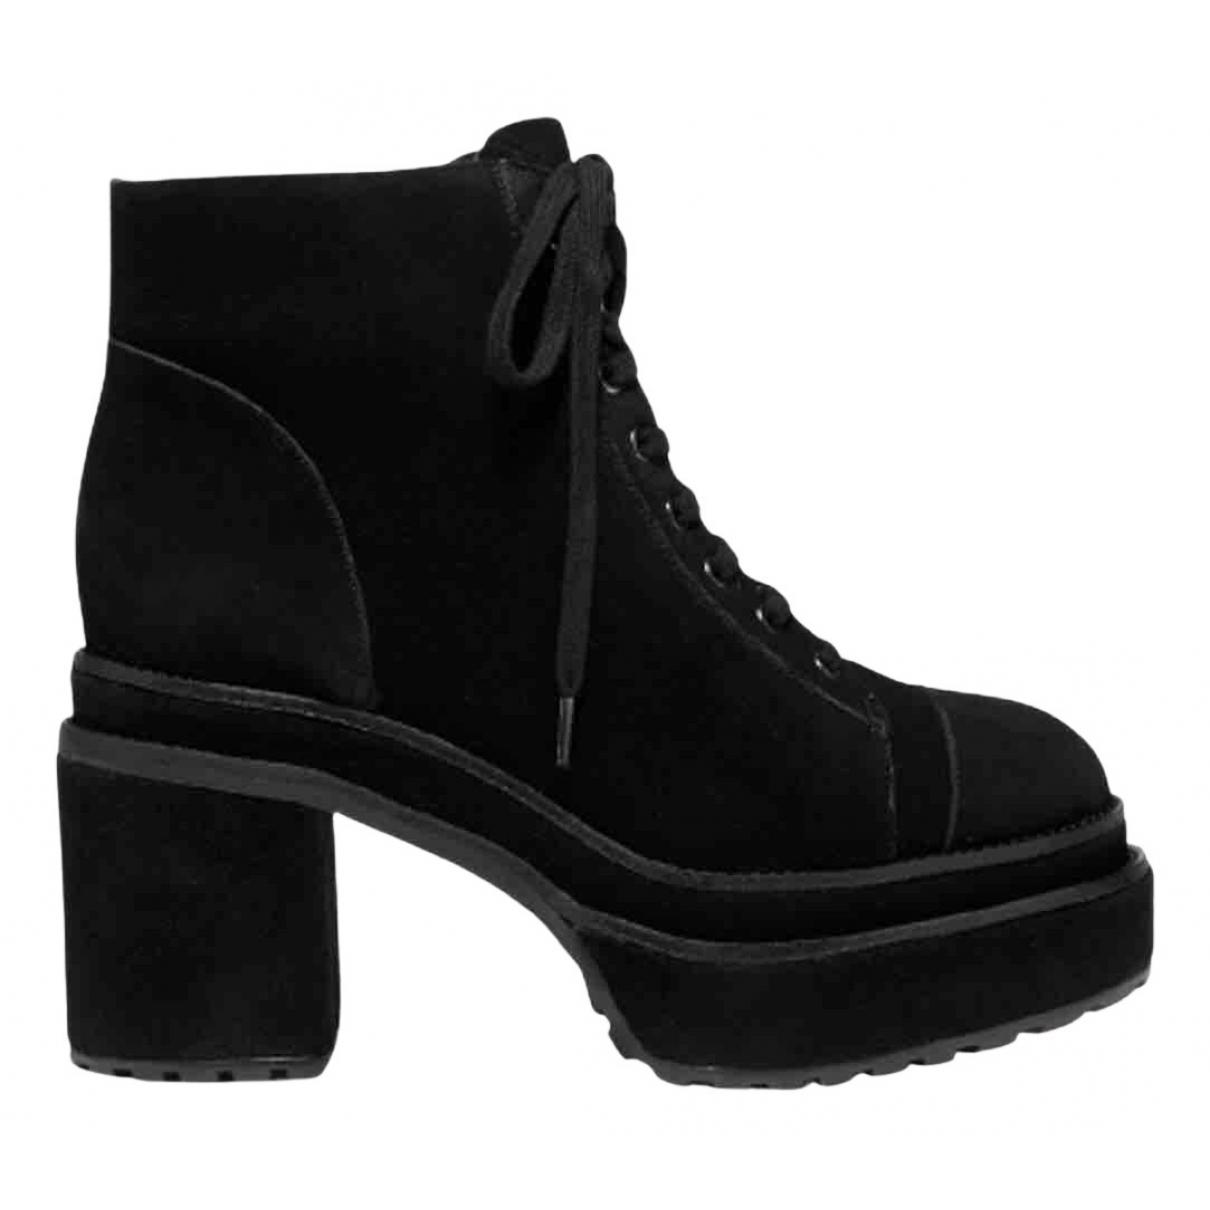 Cult Gaia - Boots   pour femme en suede - noir